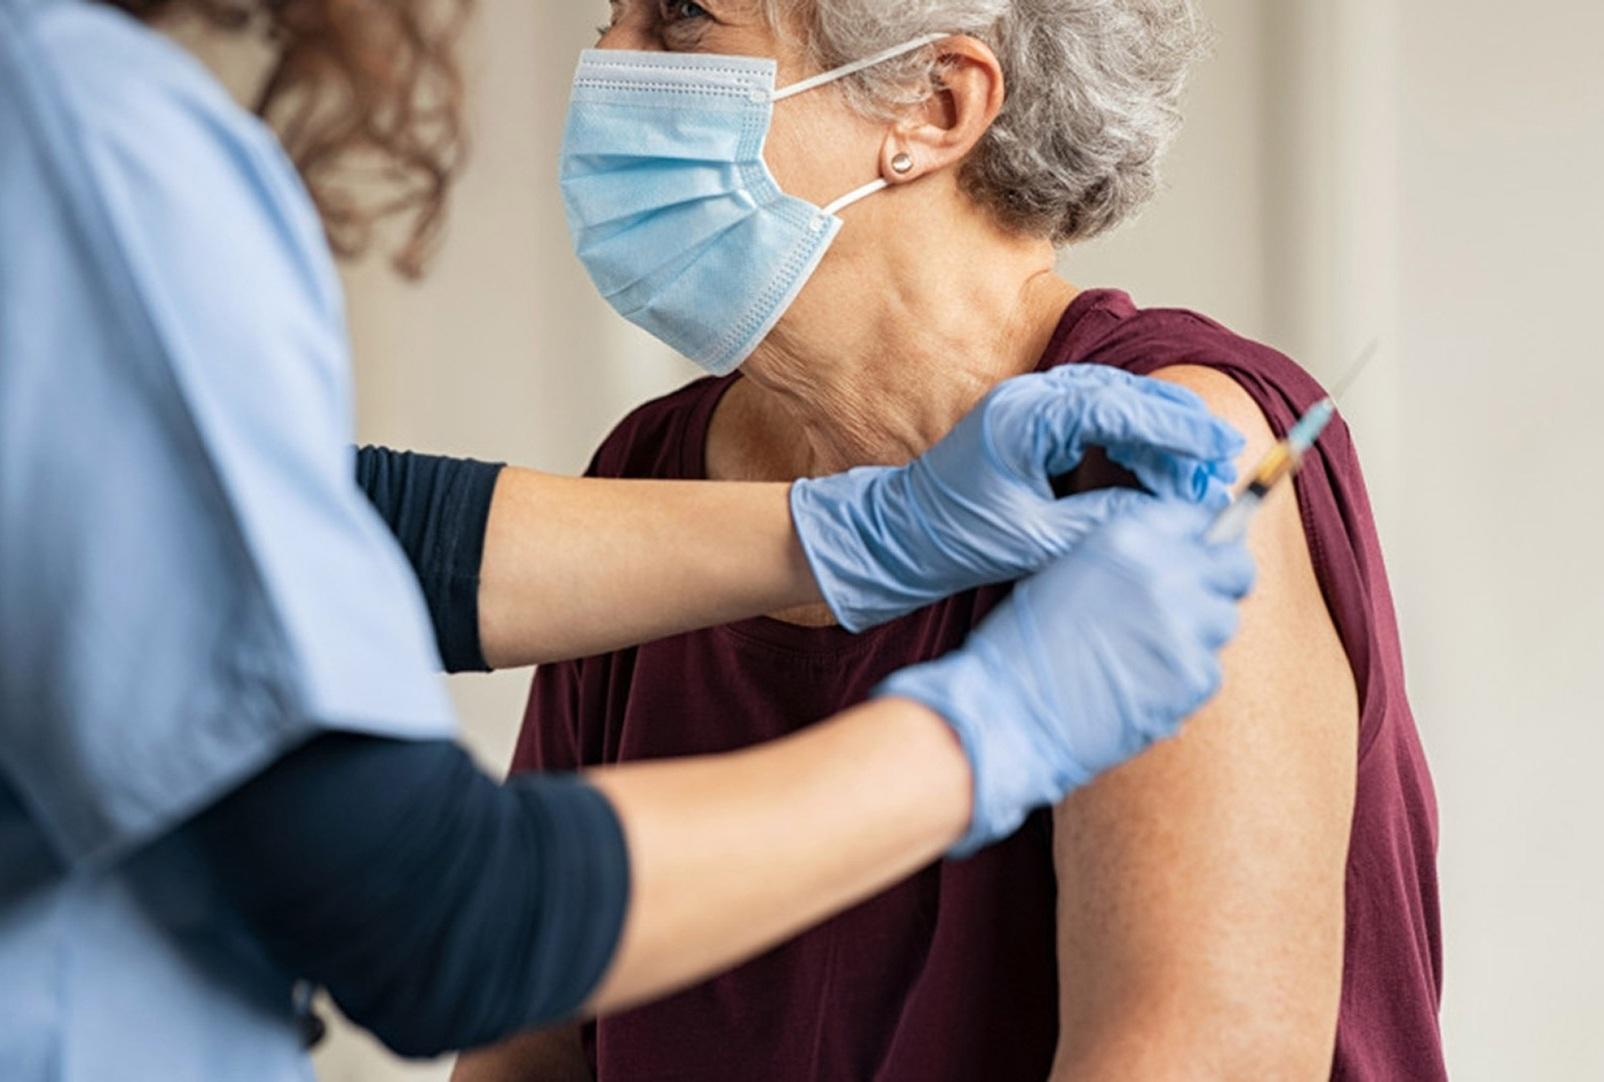 Εμβολιασμός κατ' οίκον για τους κατάκοιτους πολίτες με Johnson & Johnson - Φωτογραφία 1